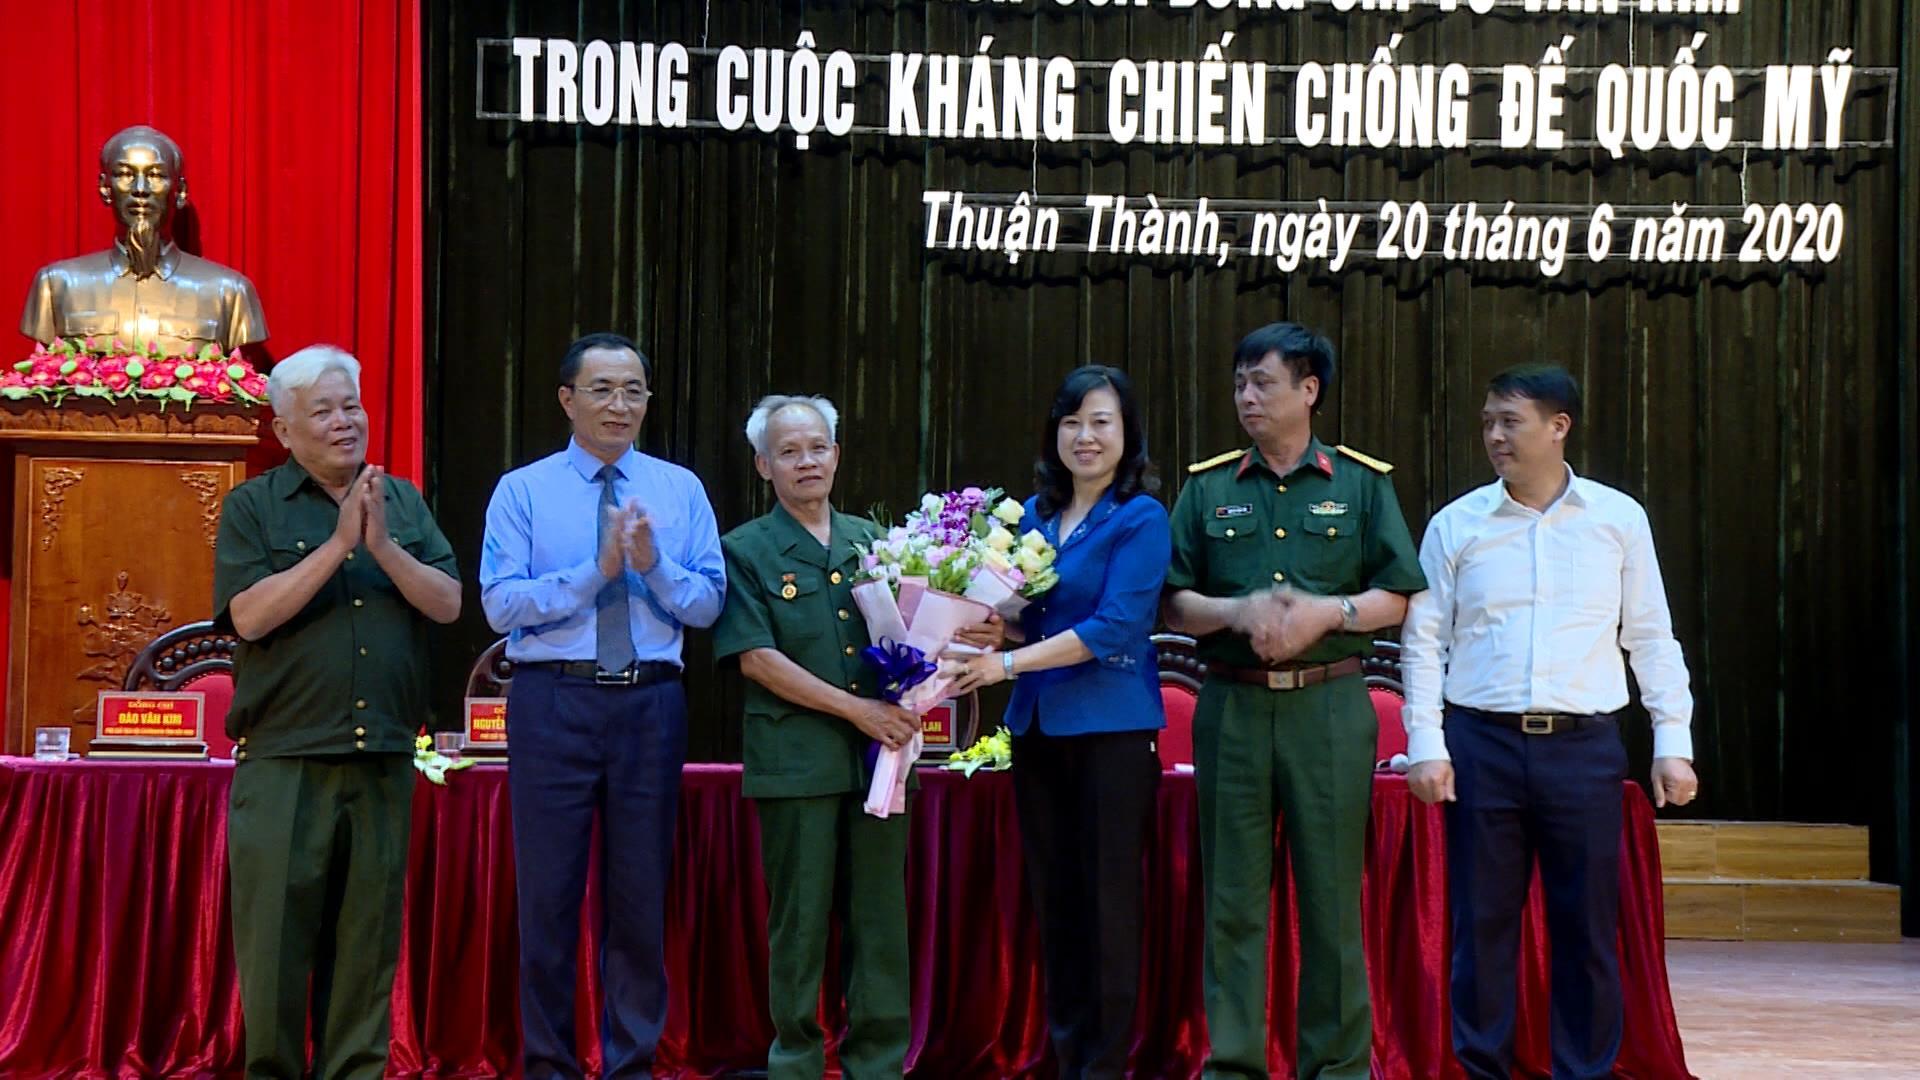 Hội thảo về thành tích của đồng chí Vũ Văn Kim trong kháng chiến chống Mỹ